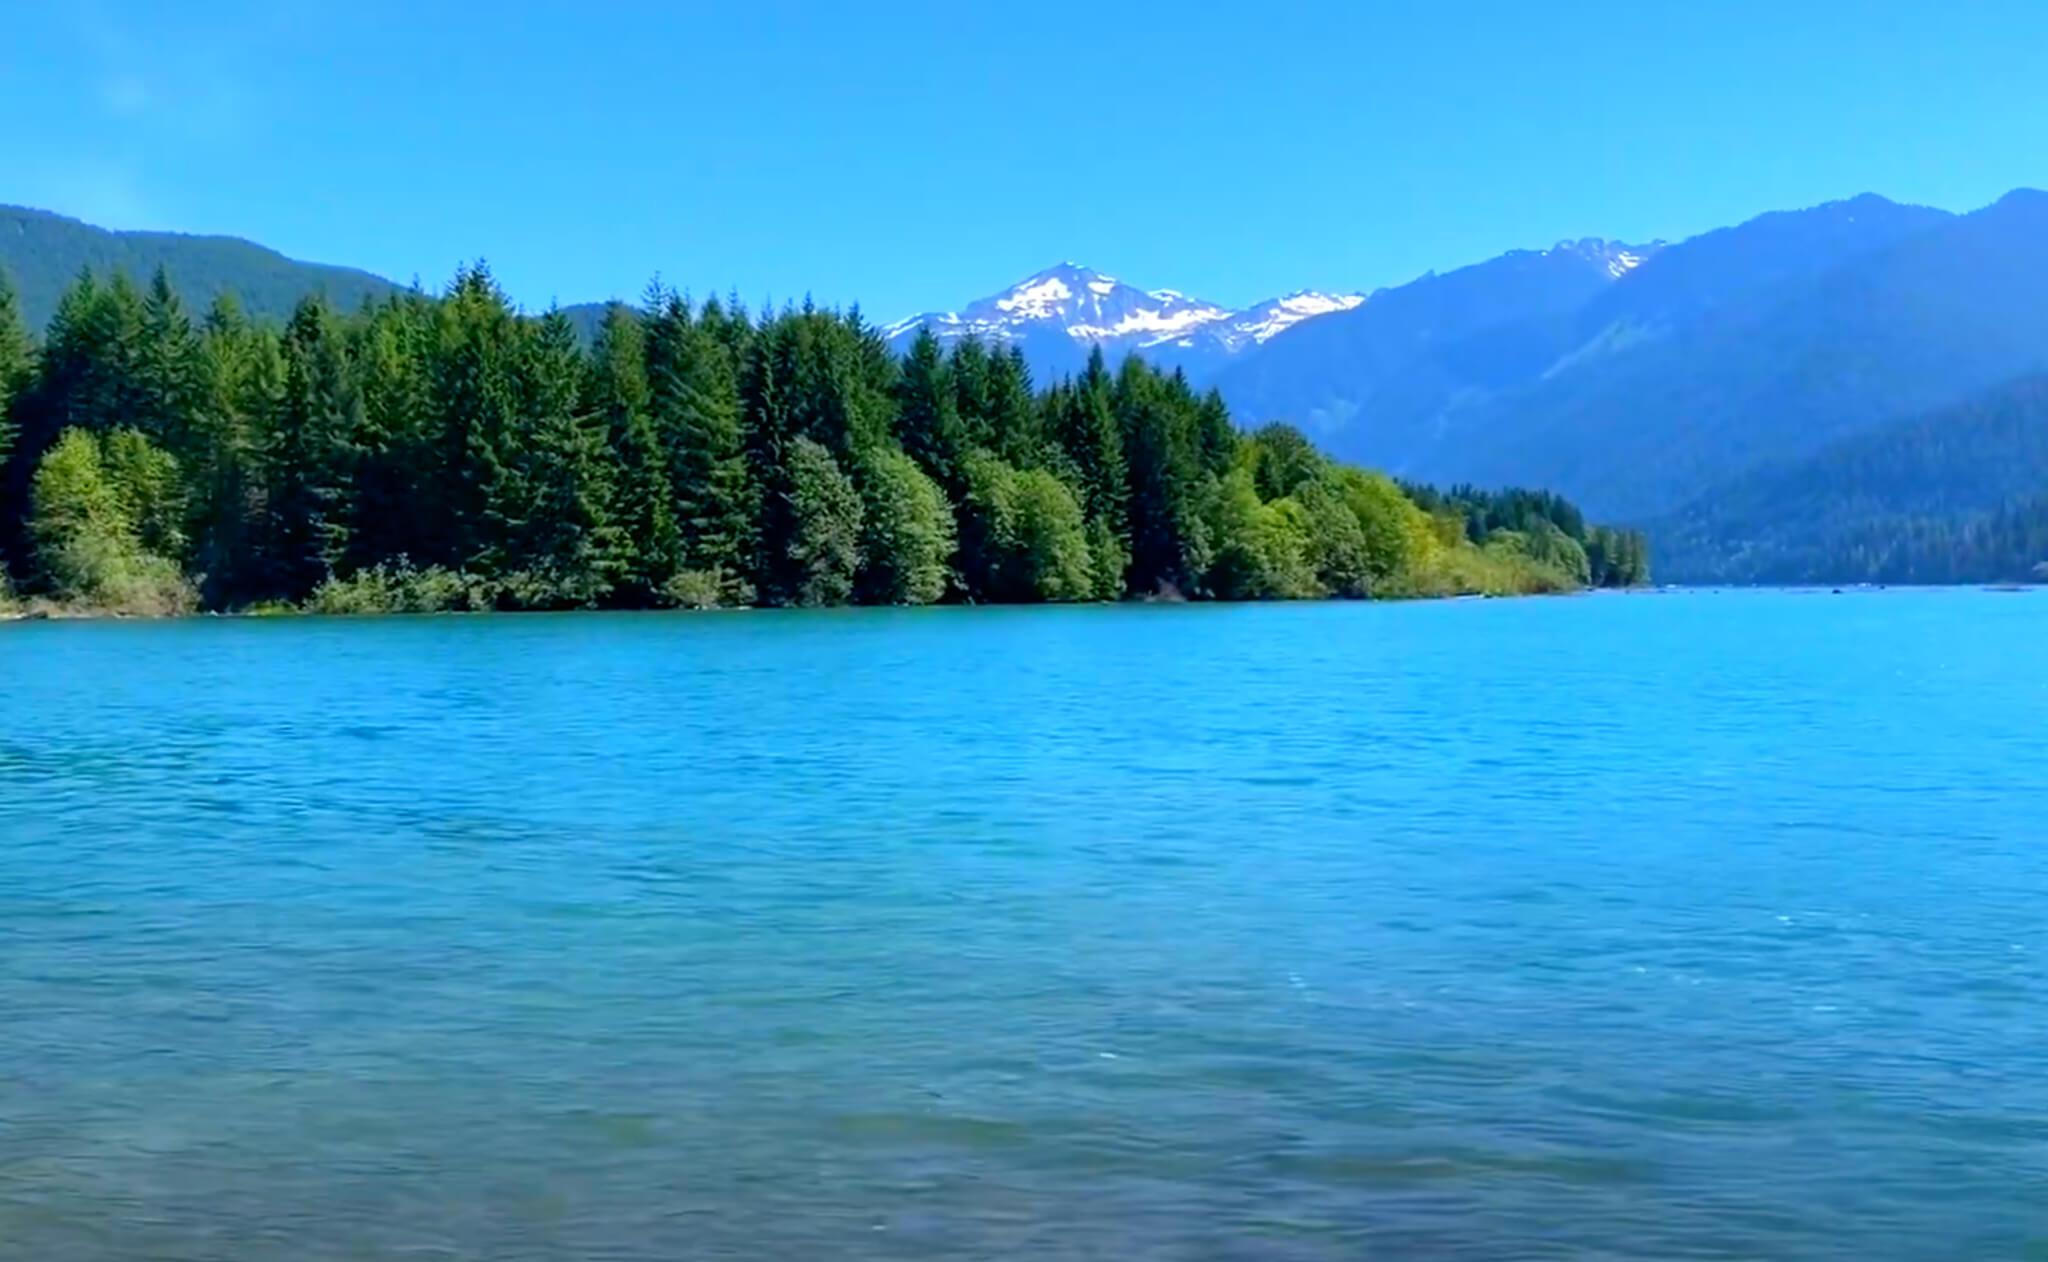 Baker-Lake-Fishing-Report-Guide-Washington-WA-04